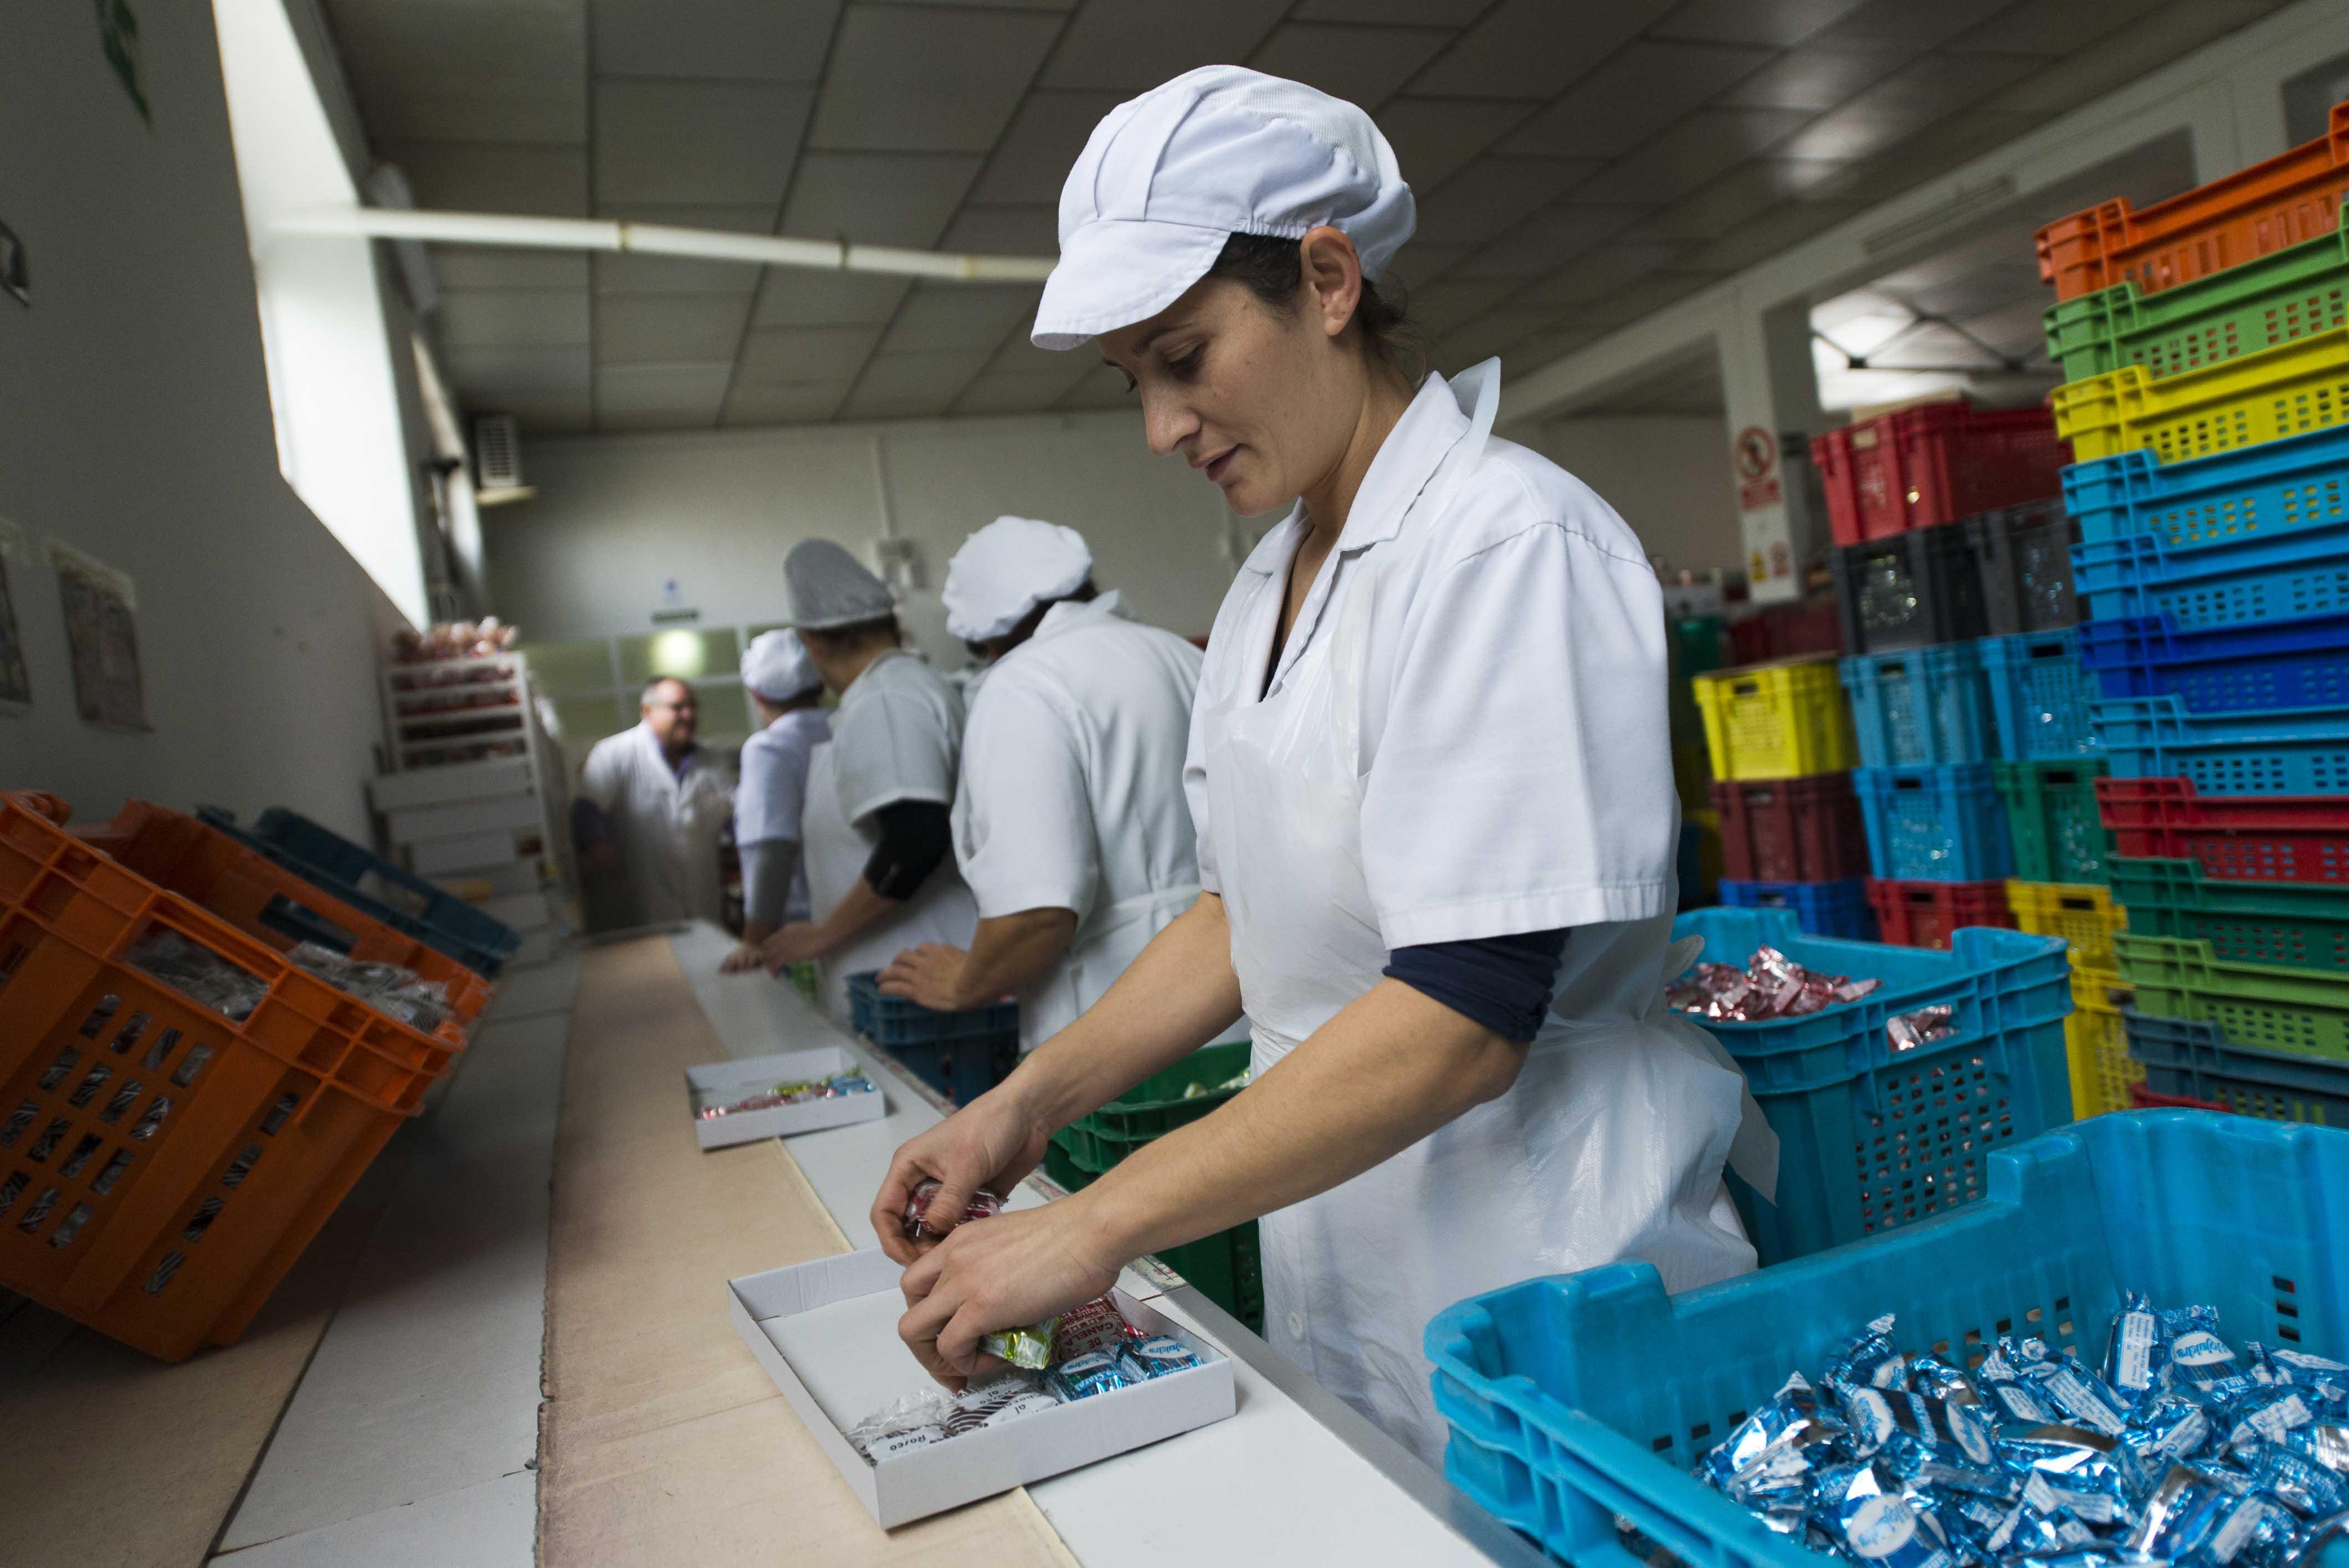 Sevilla 22 11 2014: Reportaje sobre jovenes agricultores y y jovenes preparando los matecados. Foto: J.M.Paisano